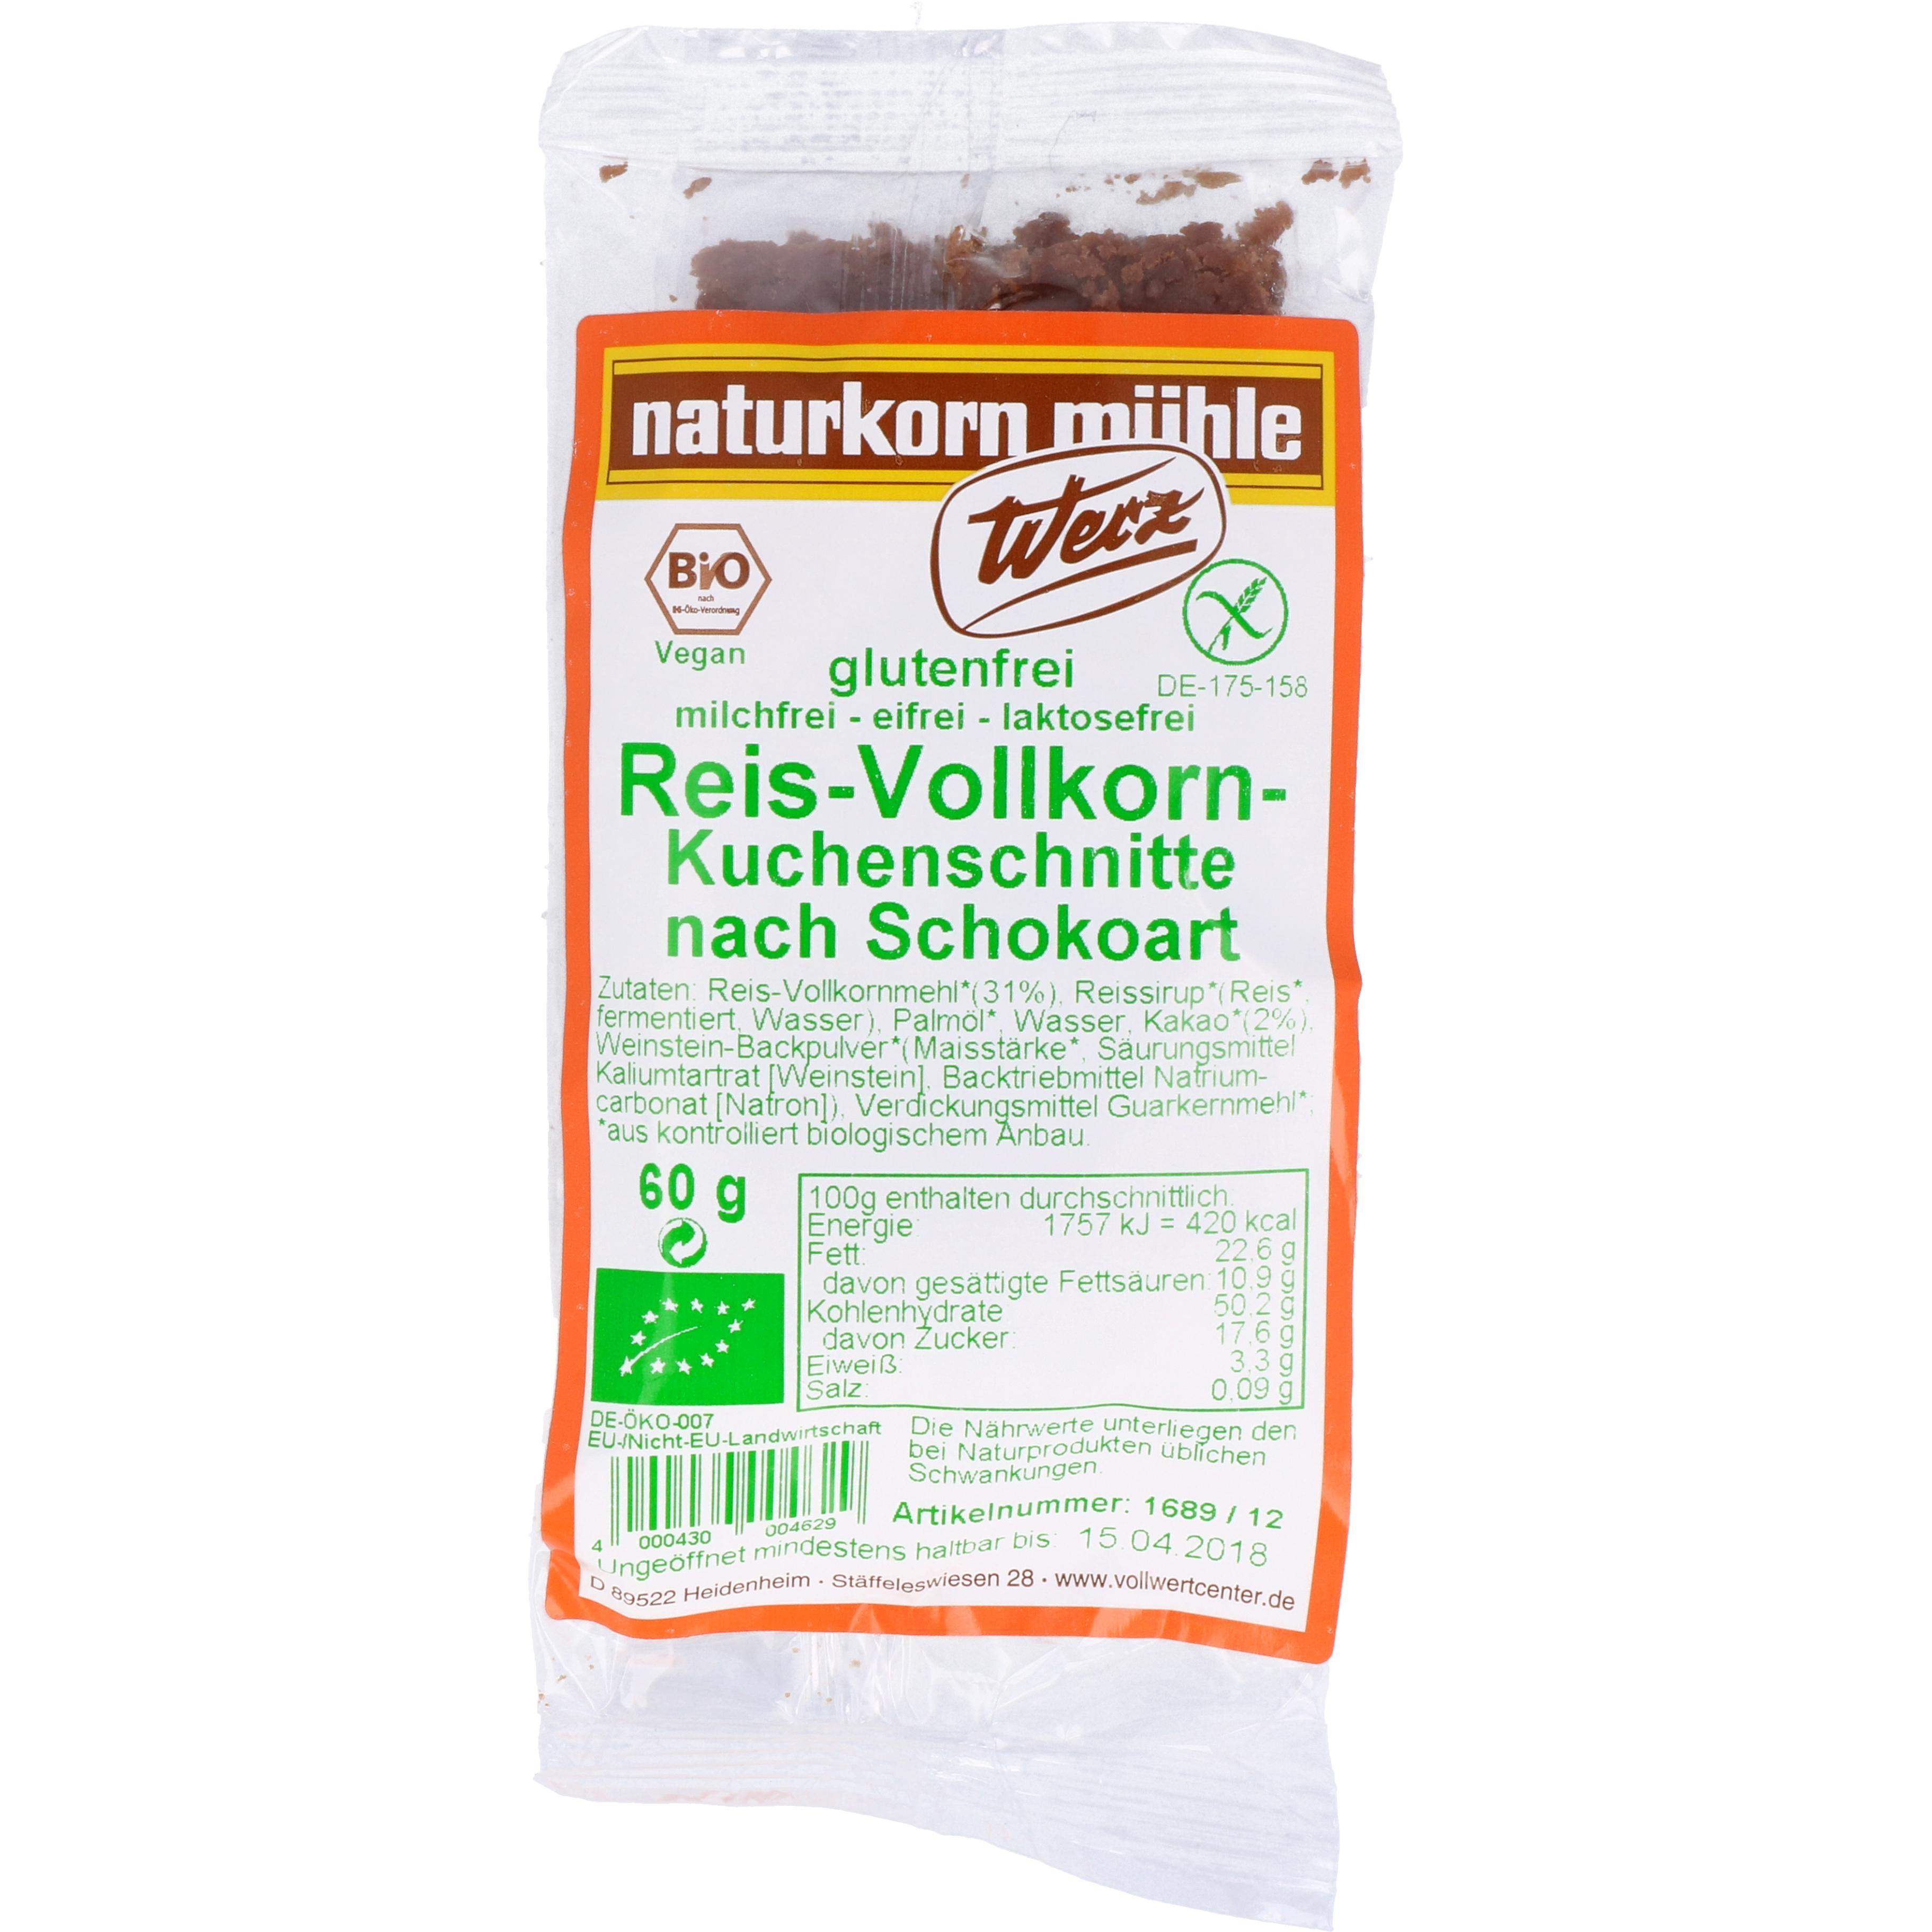 Werz Bio Reis-Vollkorn-Kuchenschnitte nach Schokoart 60g